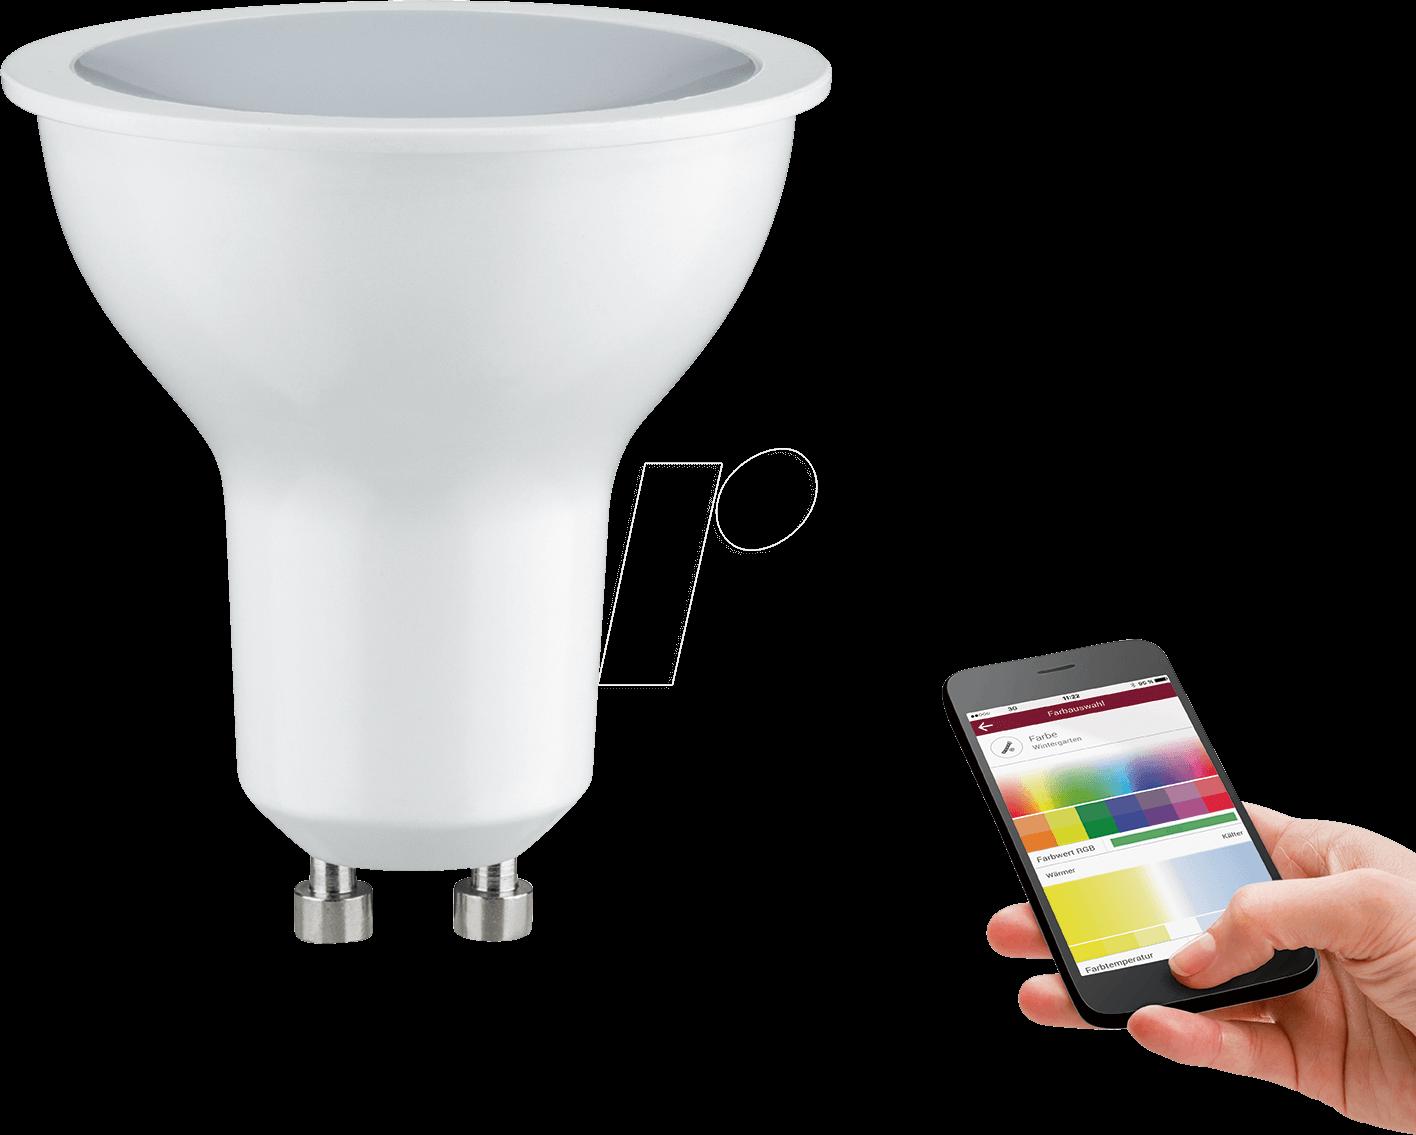 PLM 50021 - Teen LED-Reflektor, GU10, RGB, satiniert, 3 W, EEK B